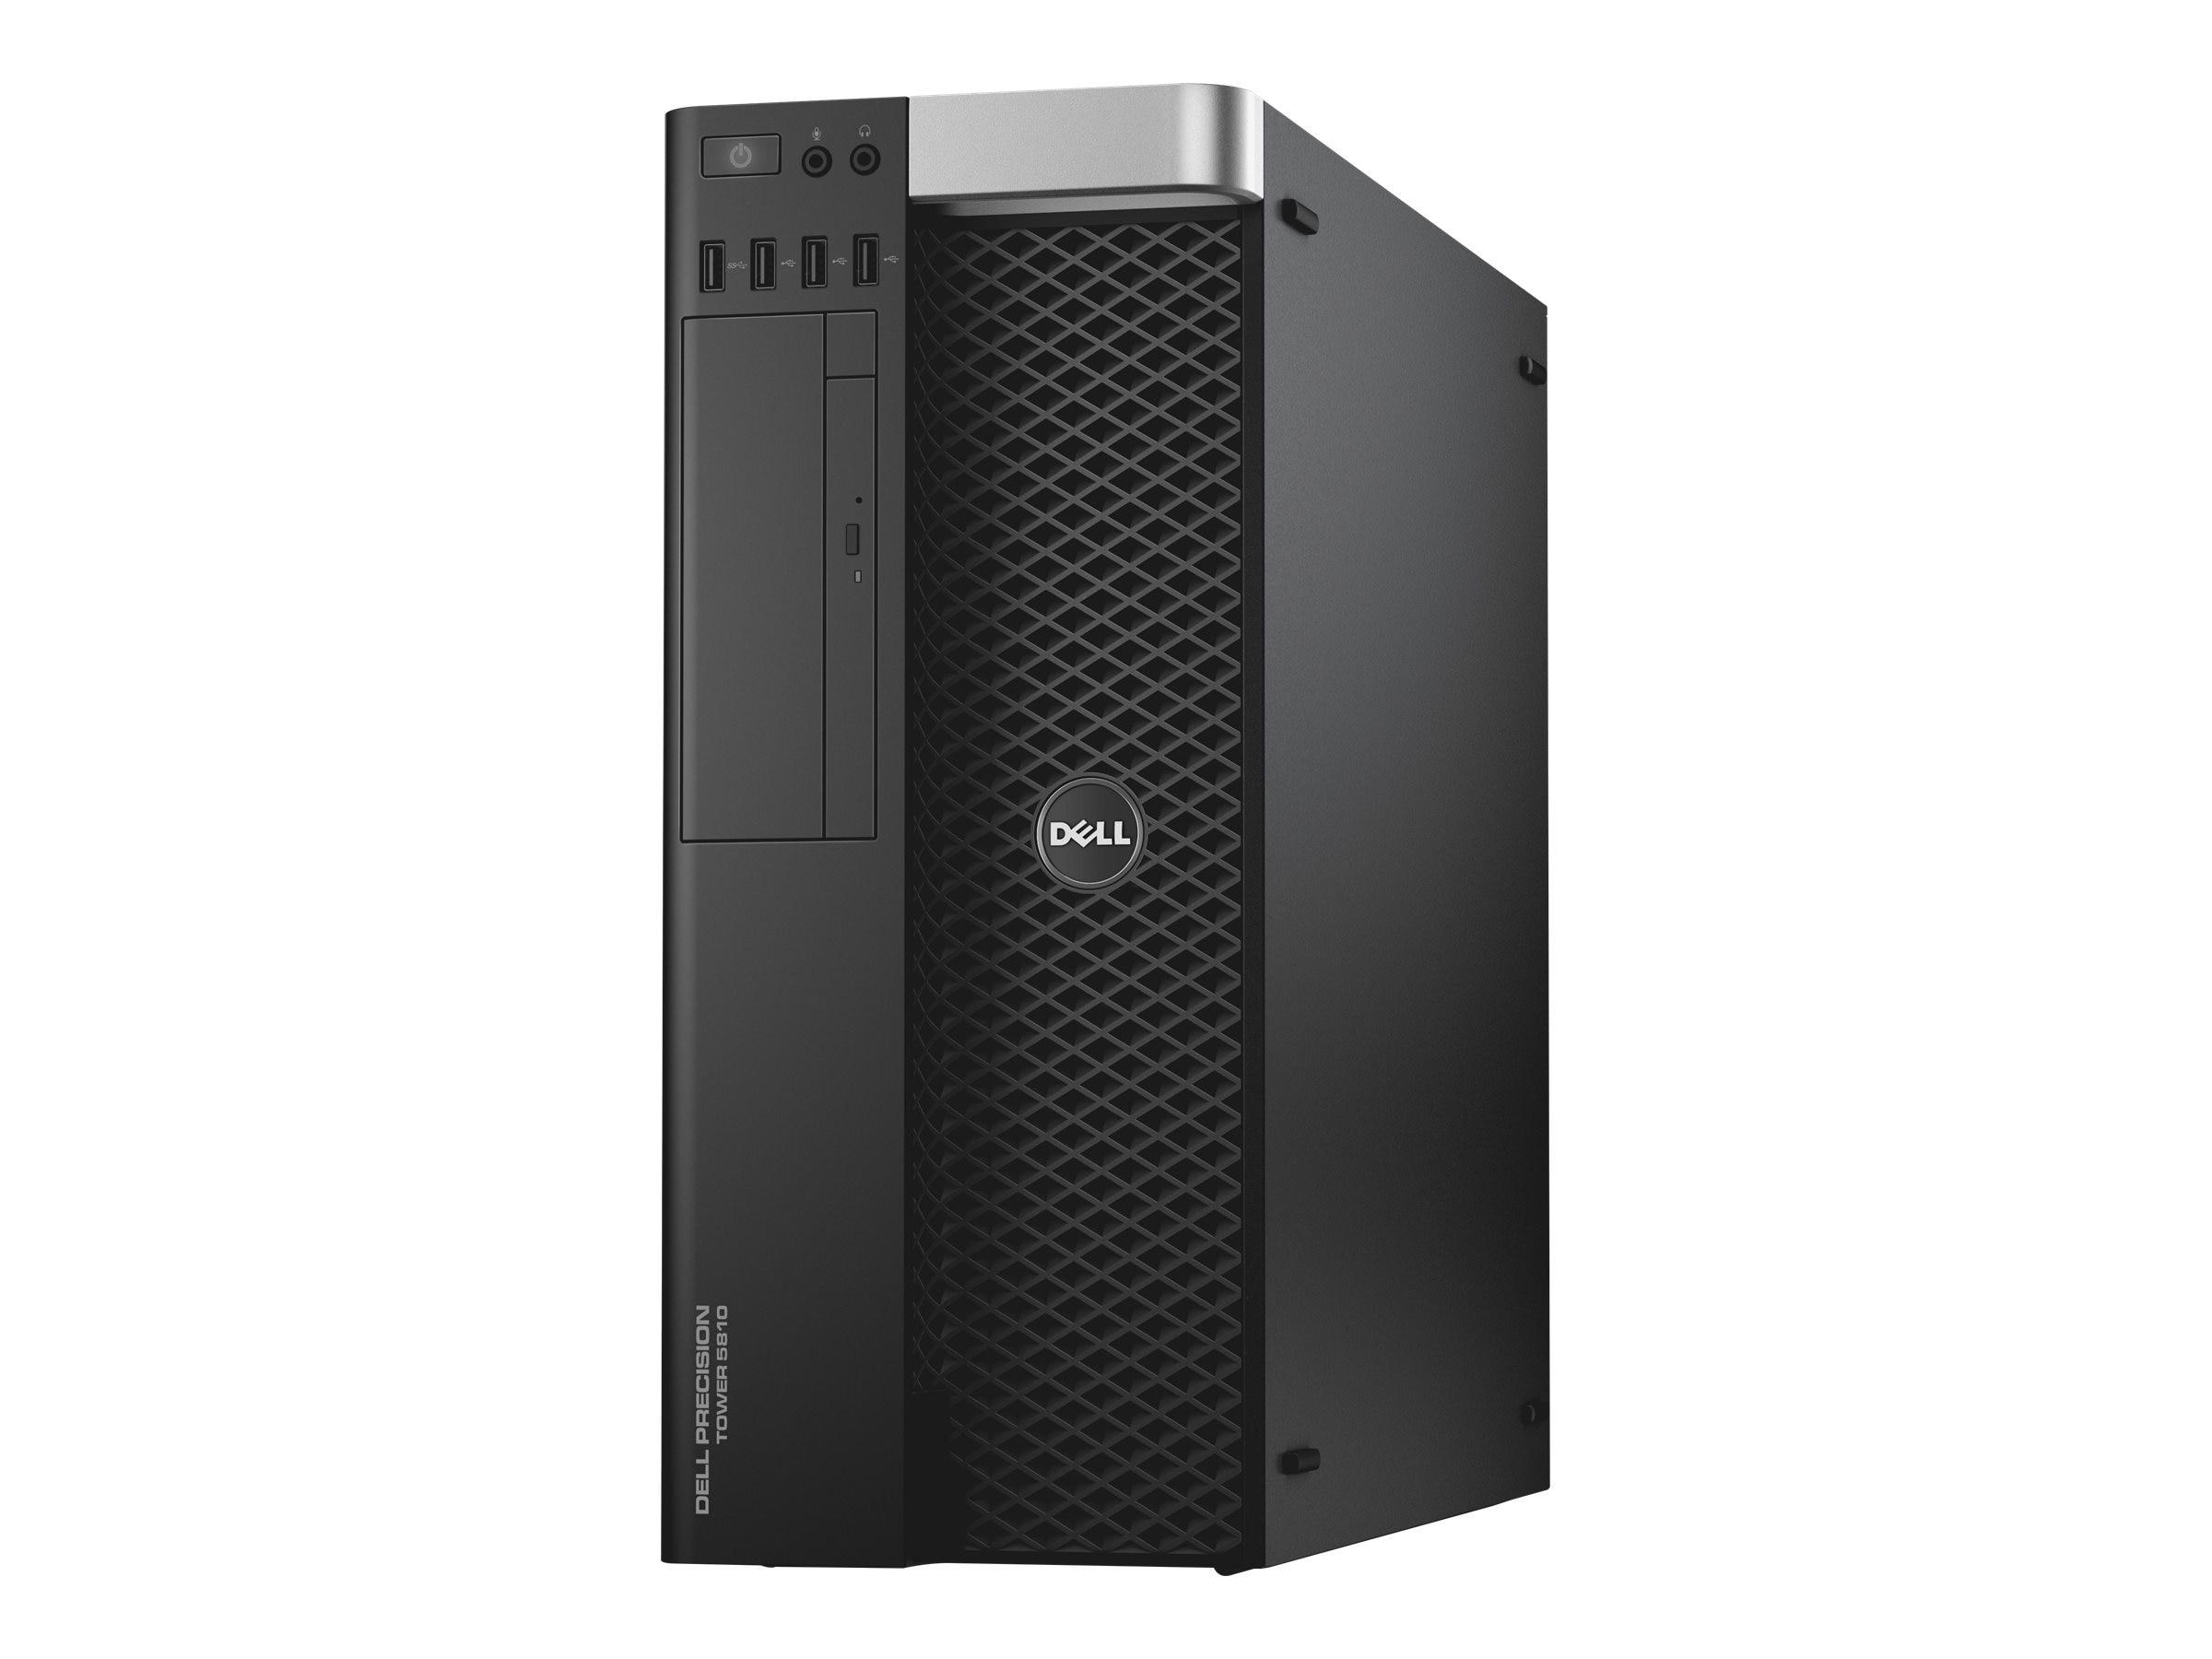 Dell 362YN Image 1